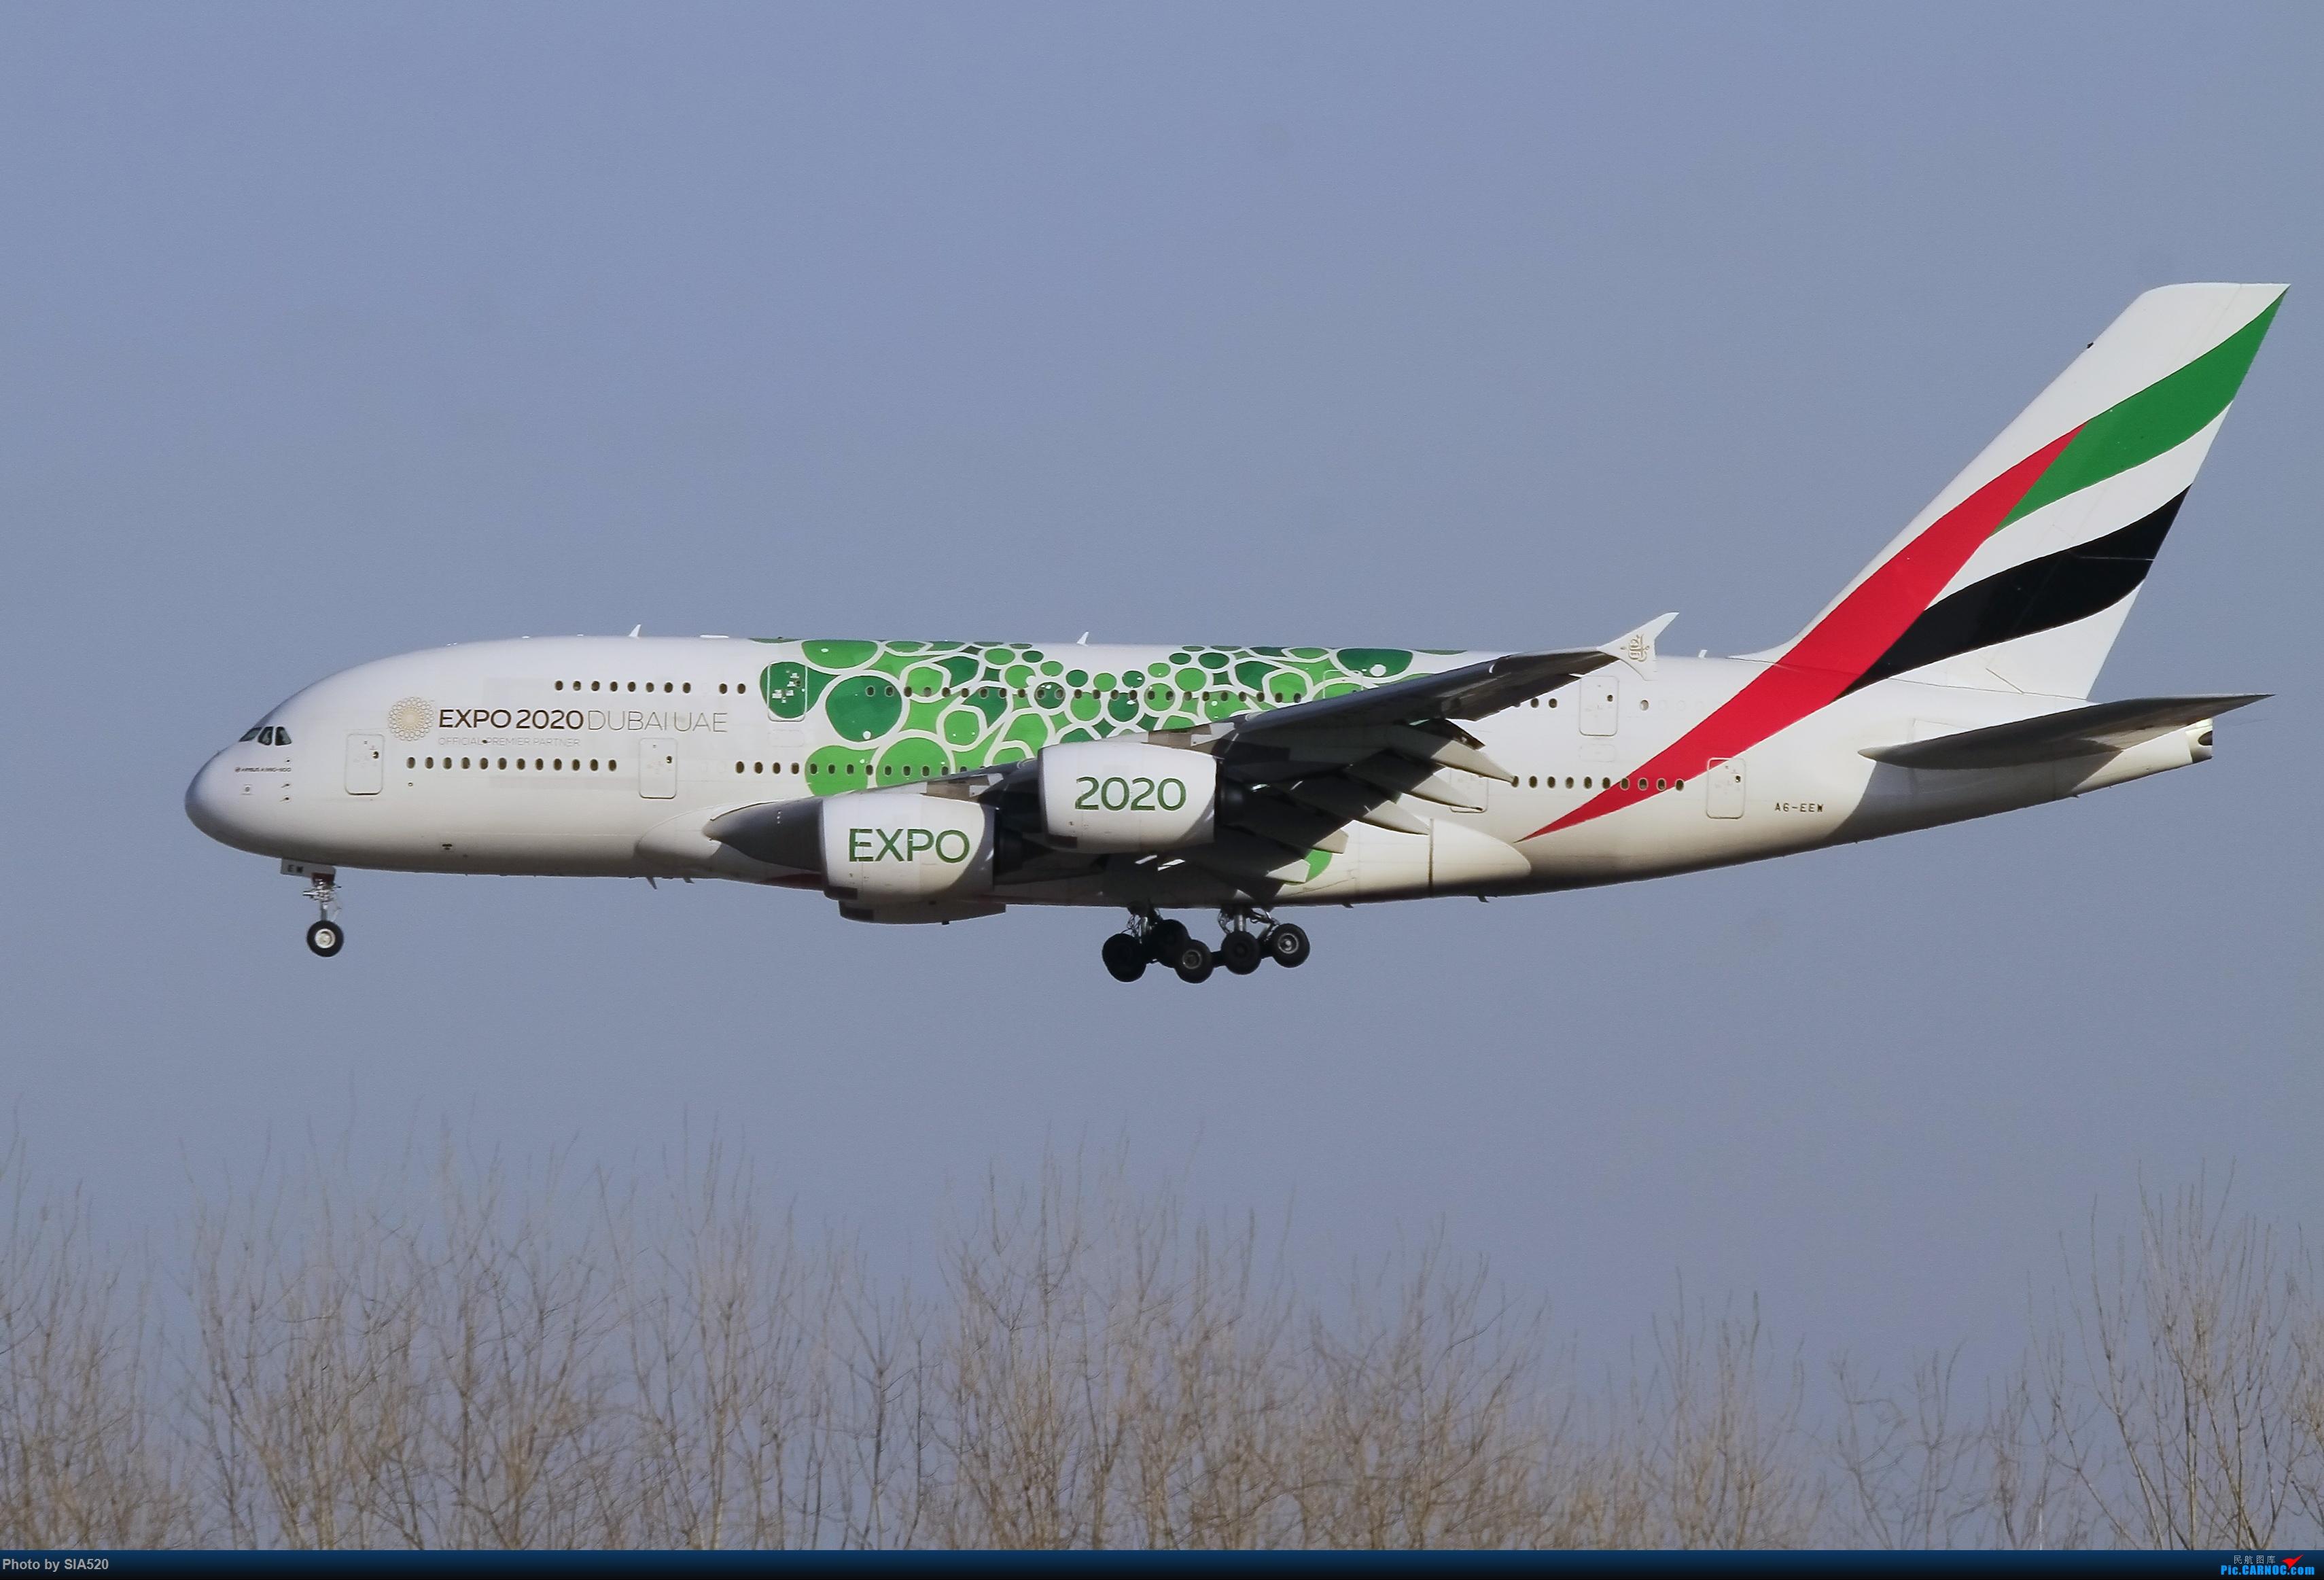 [原创]六年流年留念—感谢自己坚守 感谢所有人 AIRBUS A380-800 A6-EEW 中国北京首都国际机场